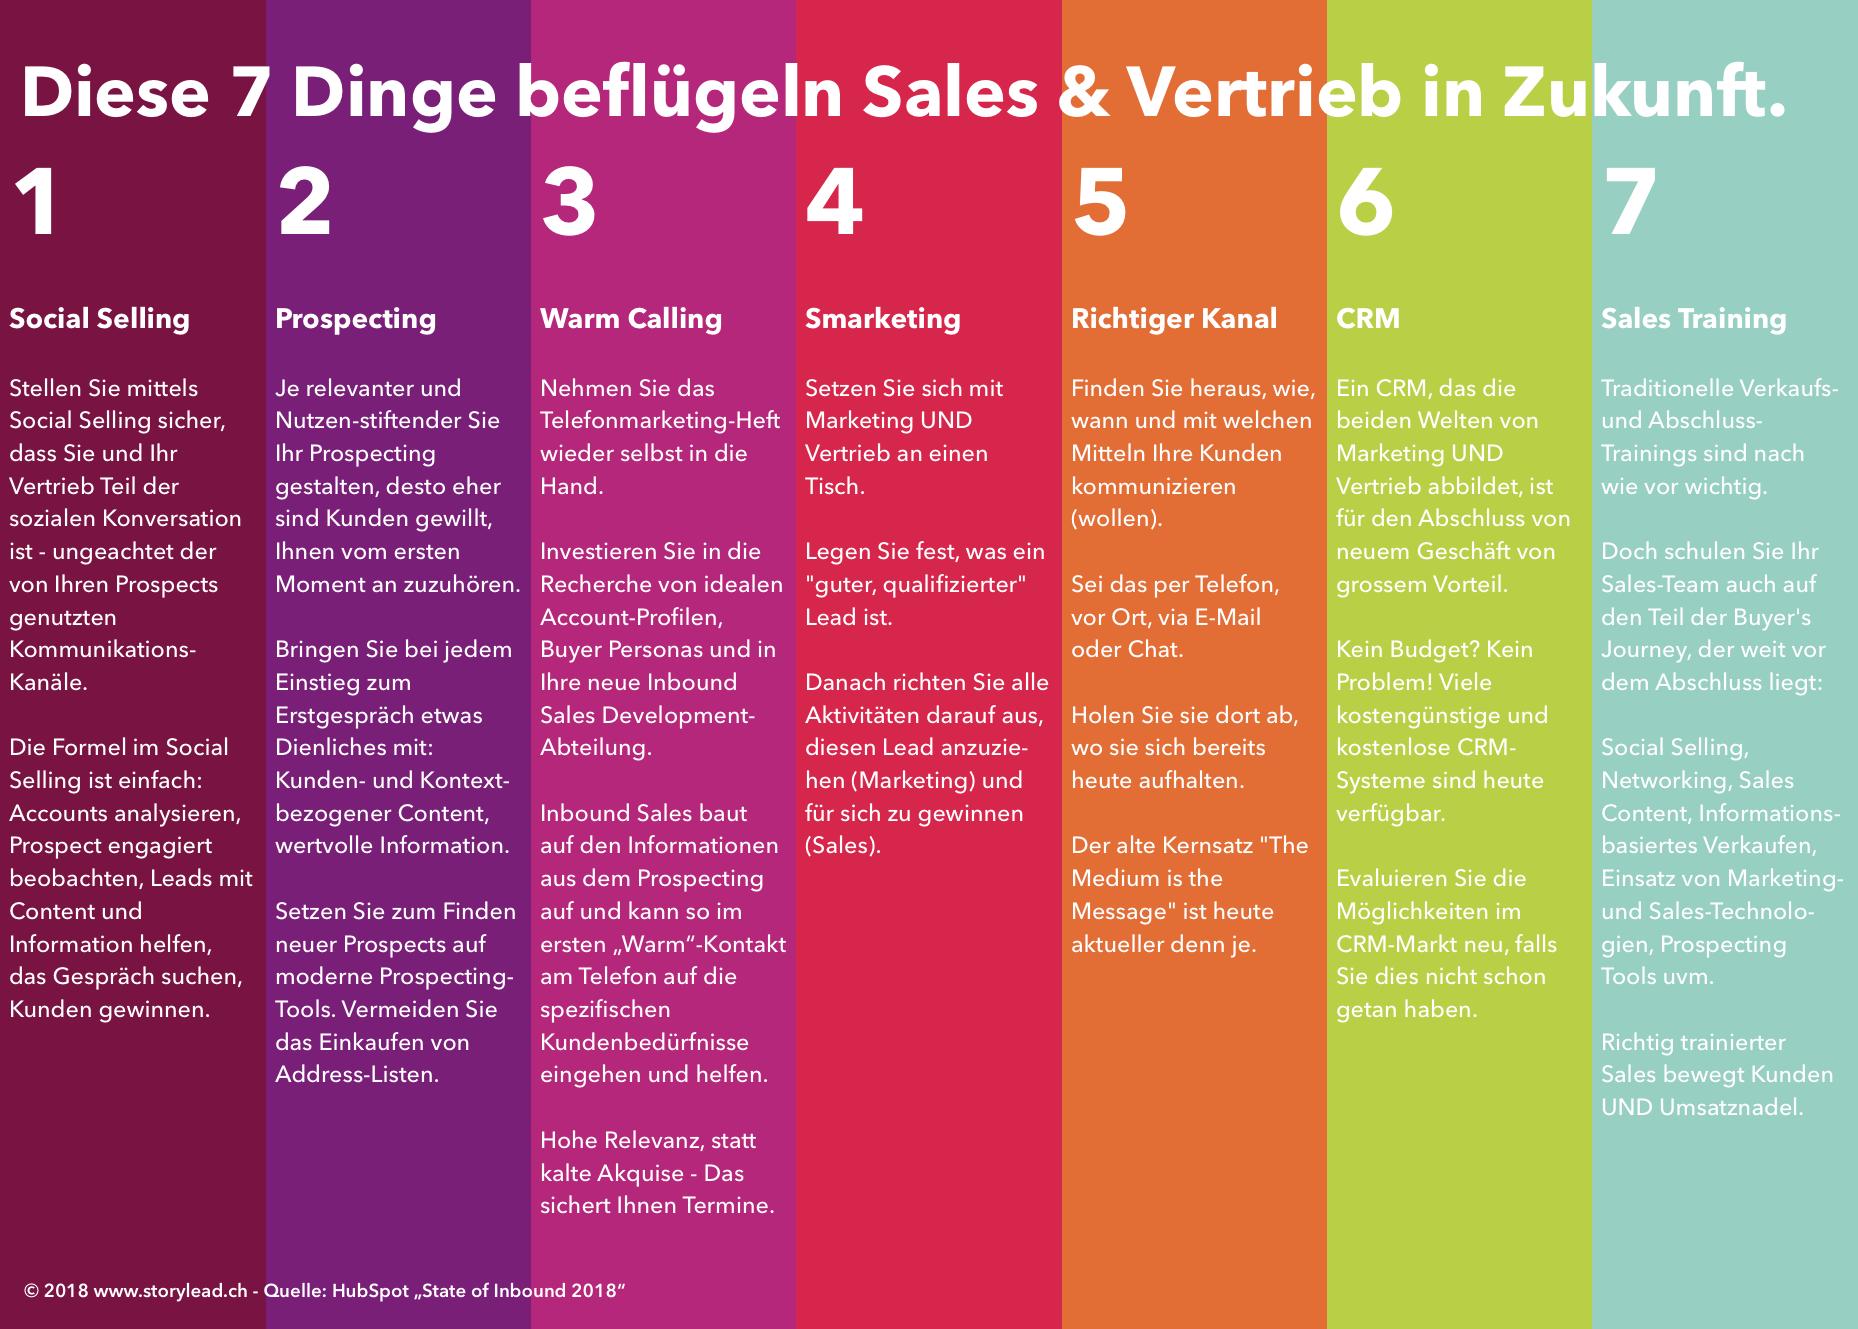 Infografik - Diese 7 Dinge beflügeln Sales & Vertrieb in Zukunft v0718